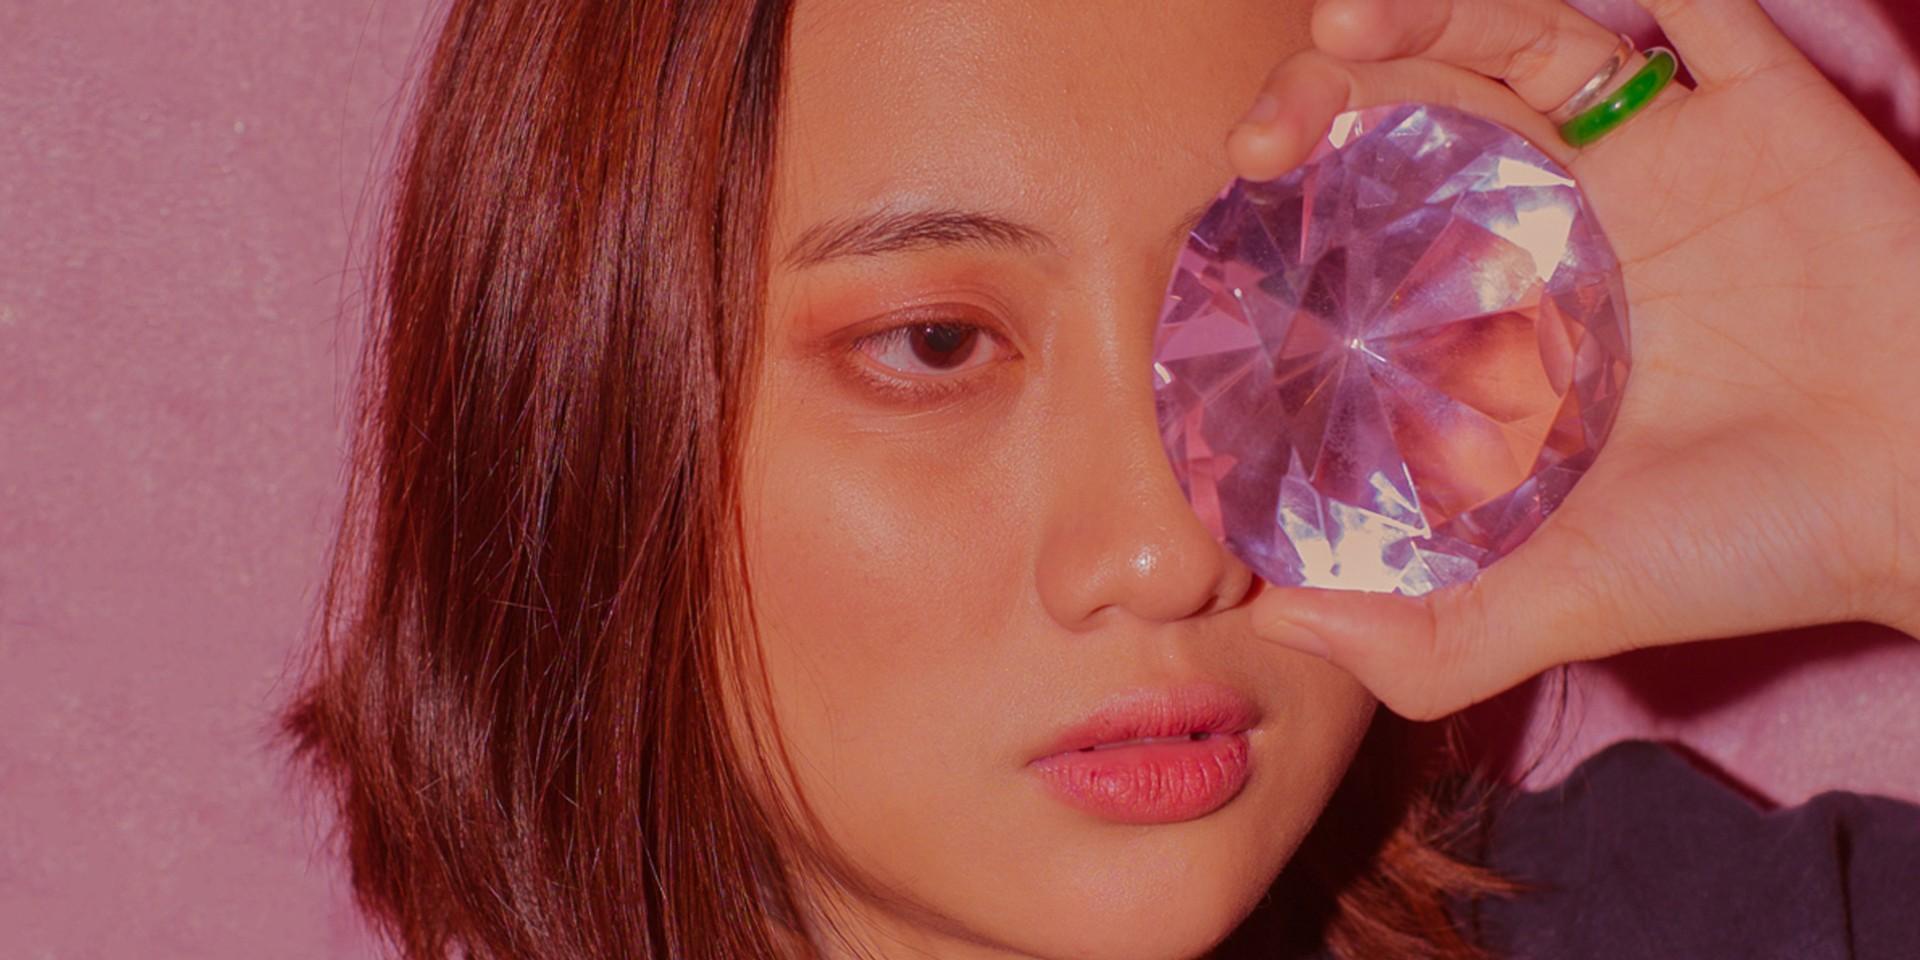 BP Valenzuela releases new half-lit EP Paradigm Shift – listen